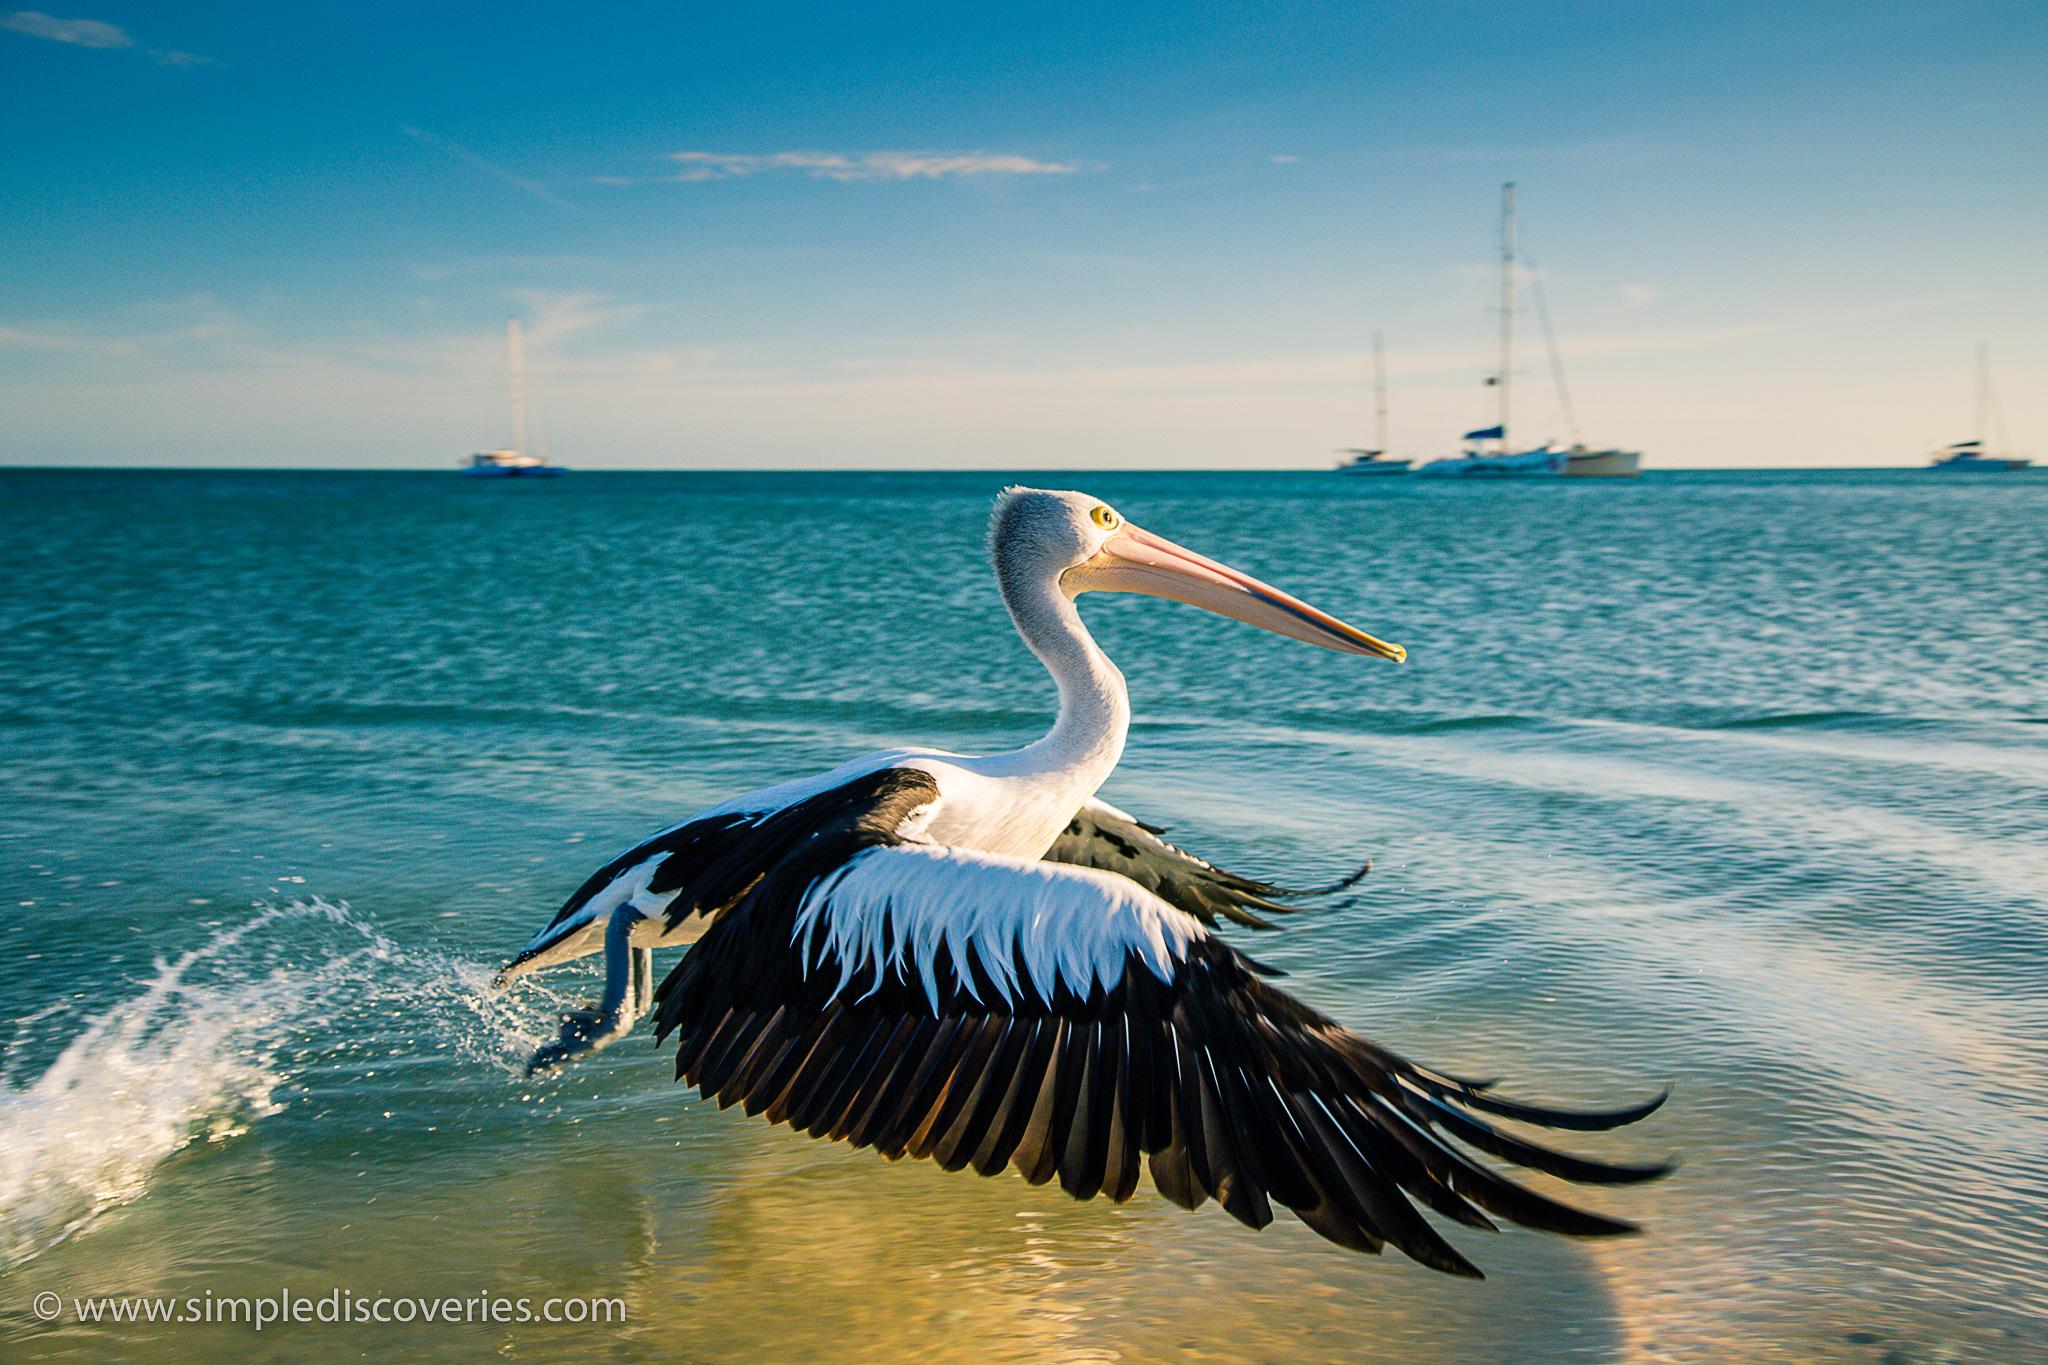 pelican_flight_shark_bay_australia